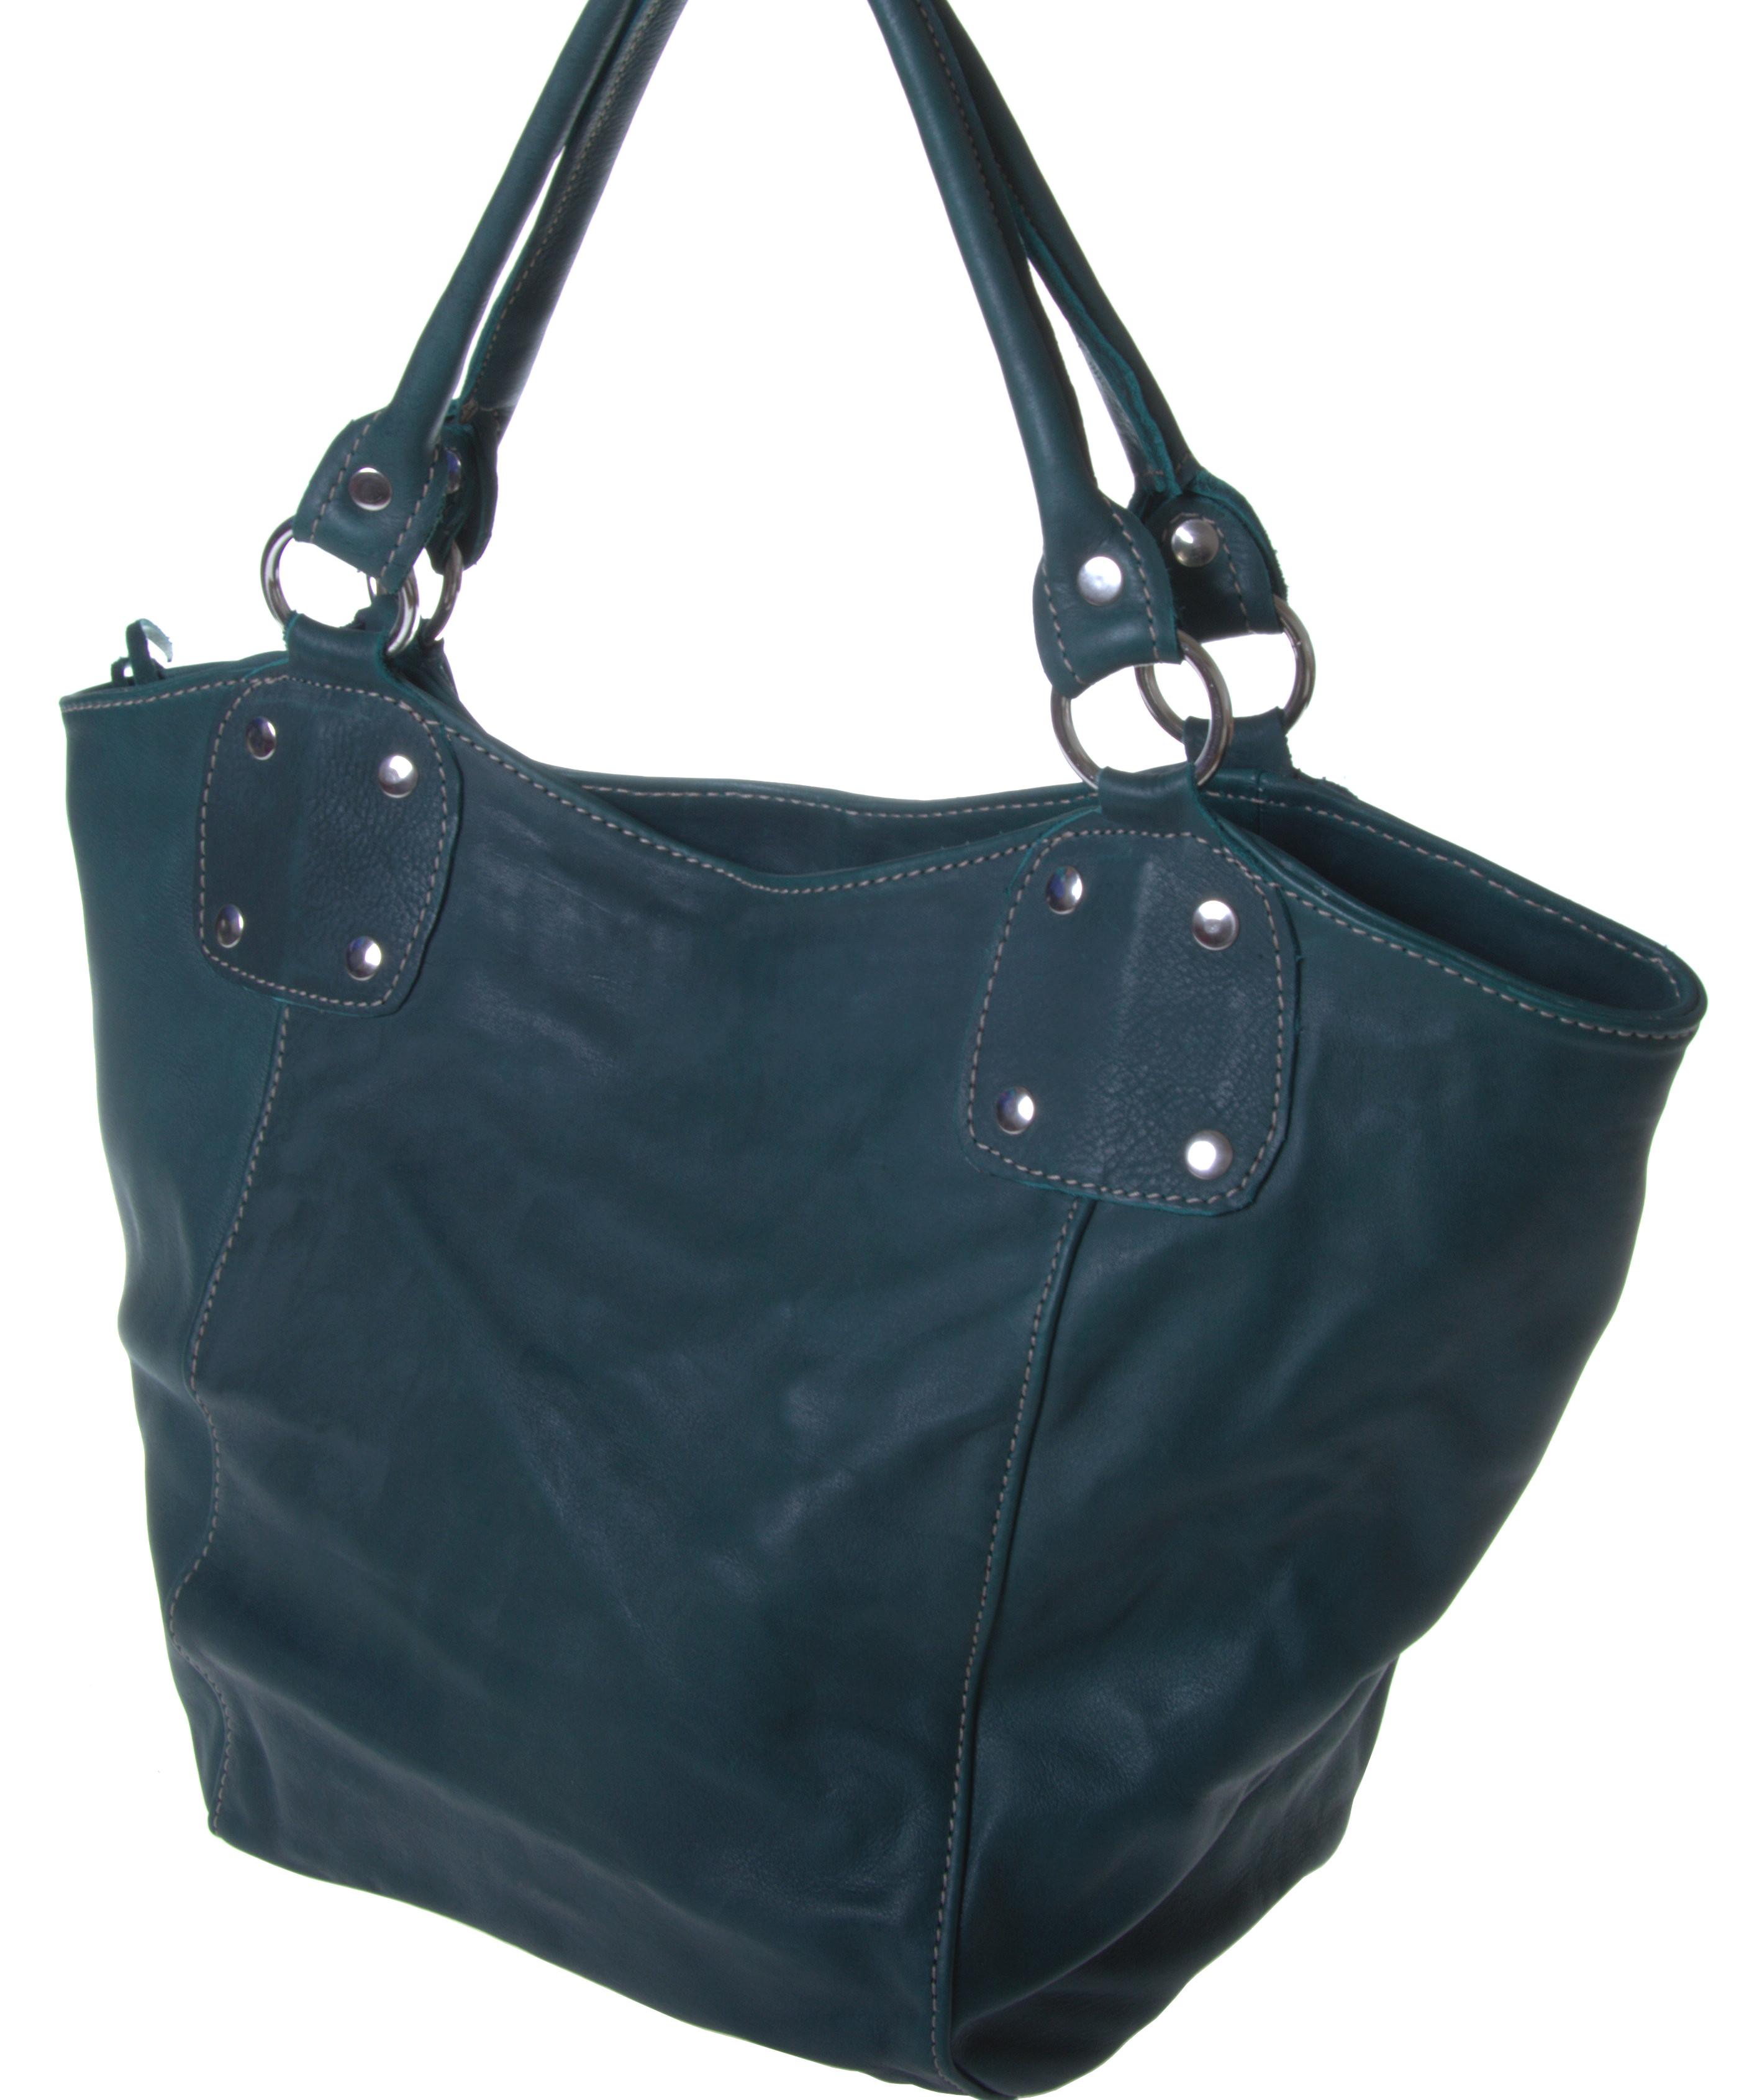 Jackal & Hide - Sambia - Unikat - verschiedene Farben - elegante Handtasche Bucket Mini